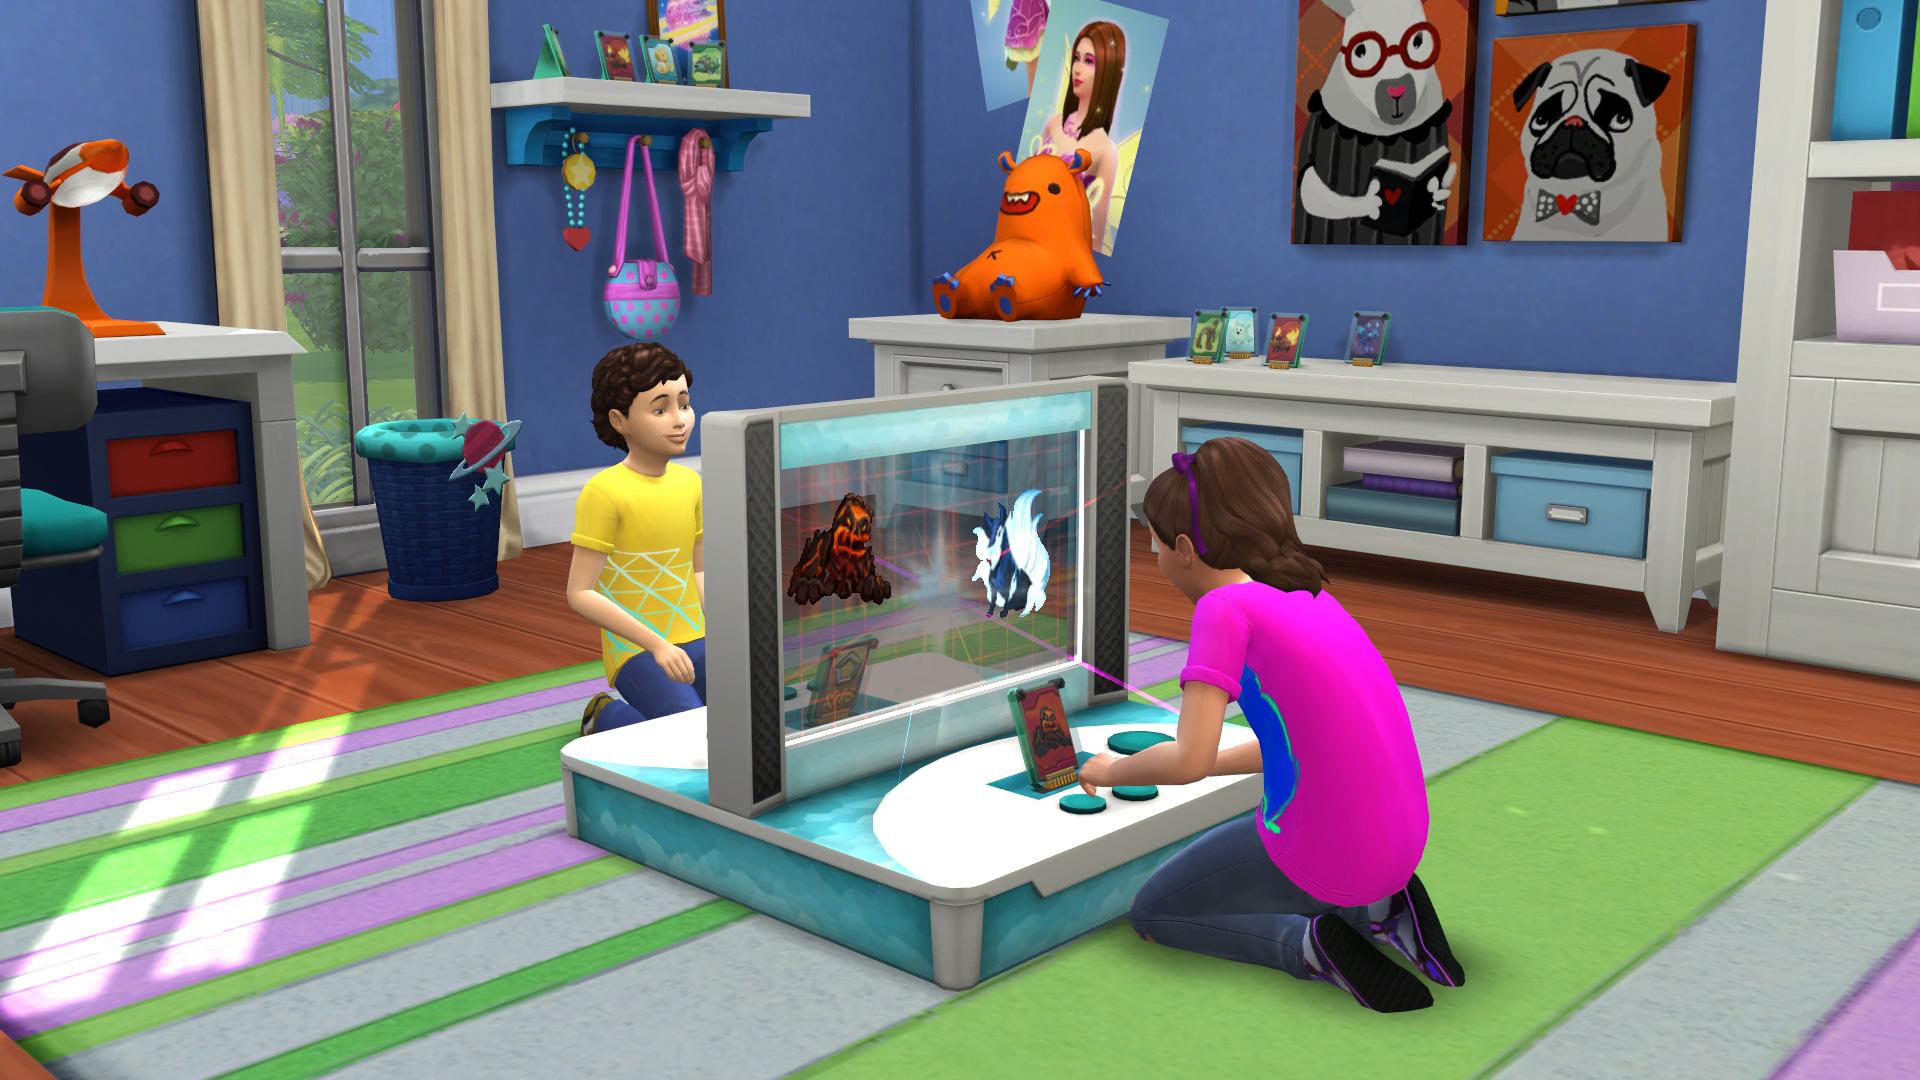 Angespielt die sims 4 kinderzimmer accessoires simtimes - Hohle kinderzimmer ...